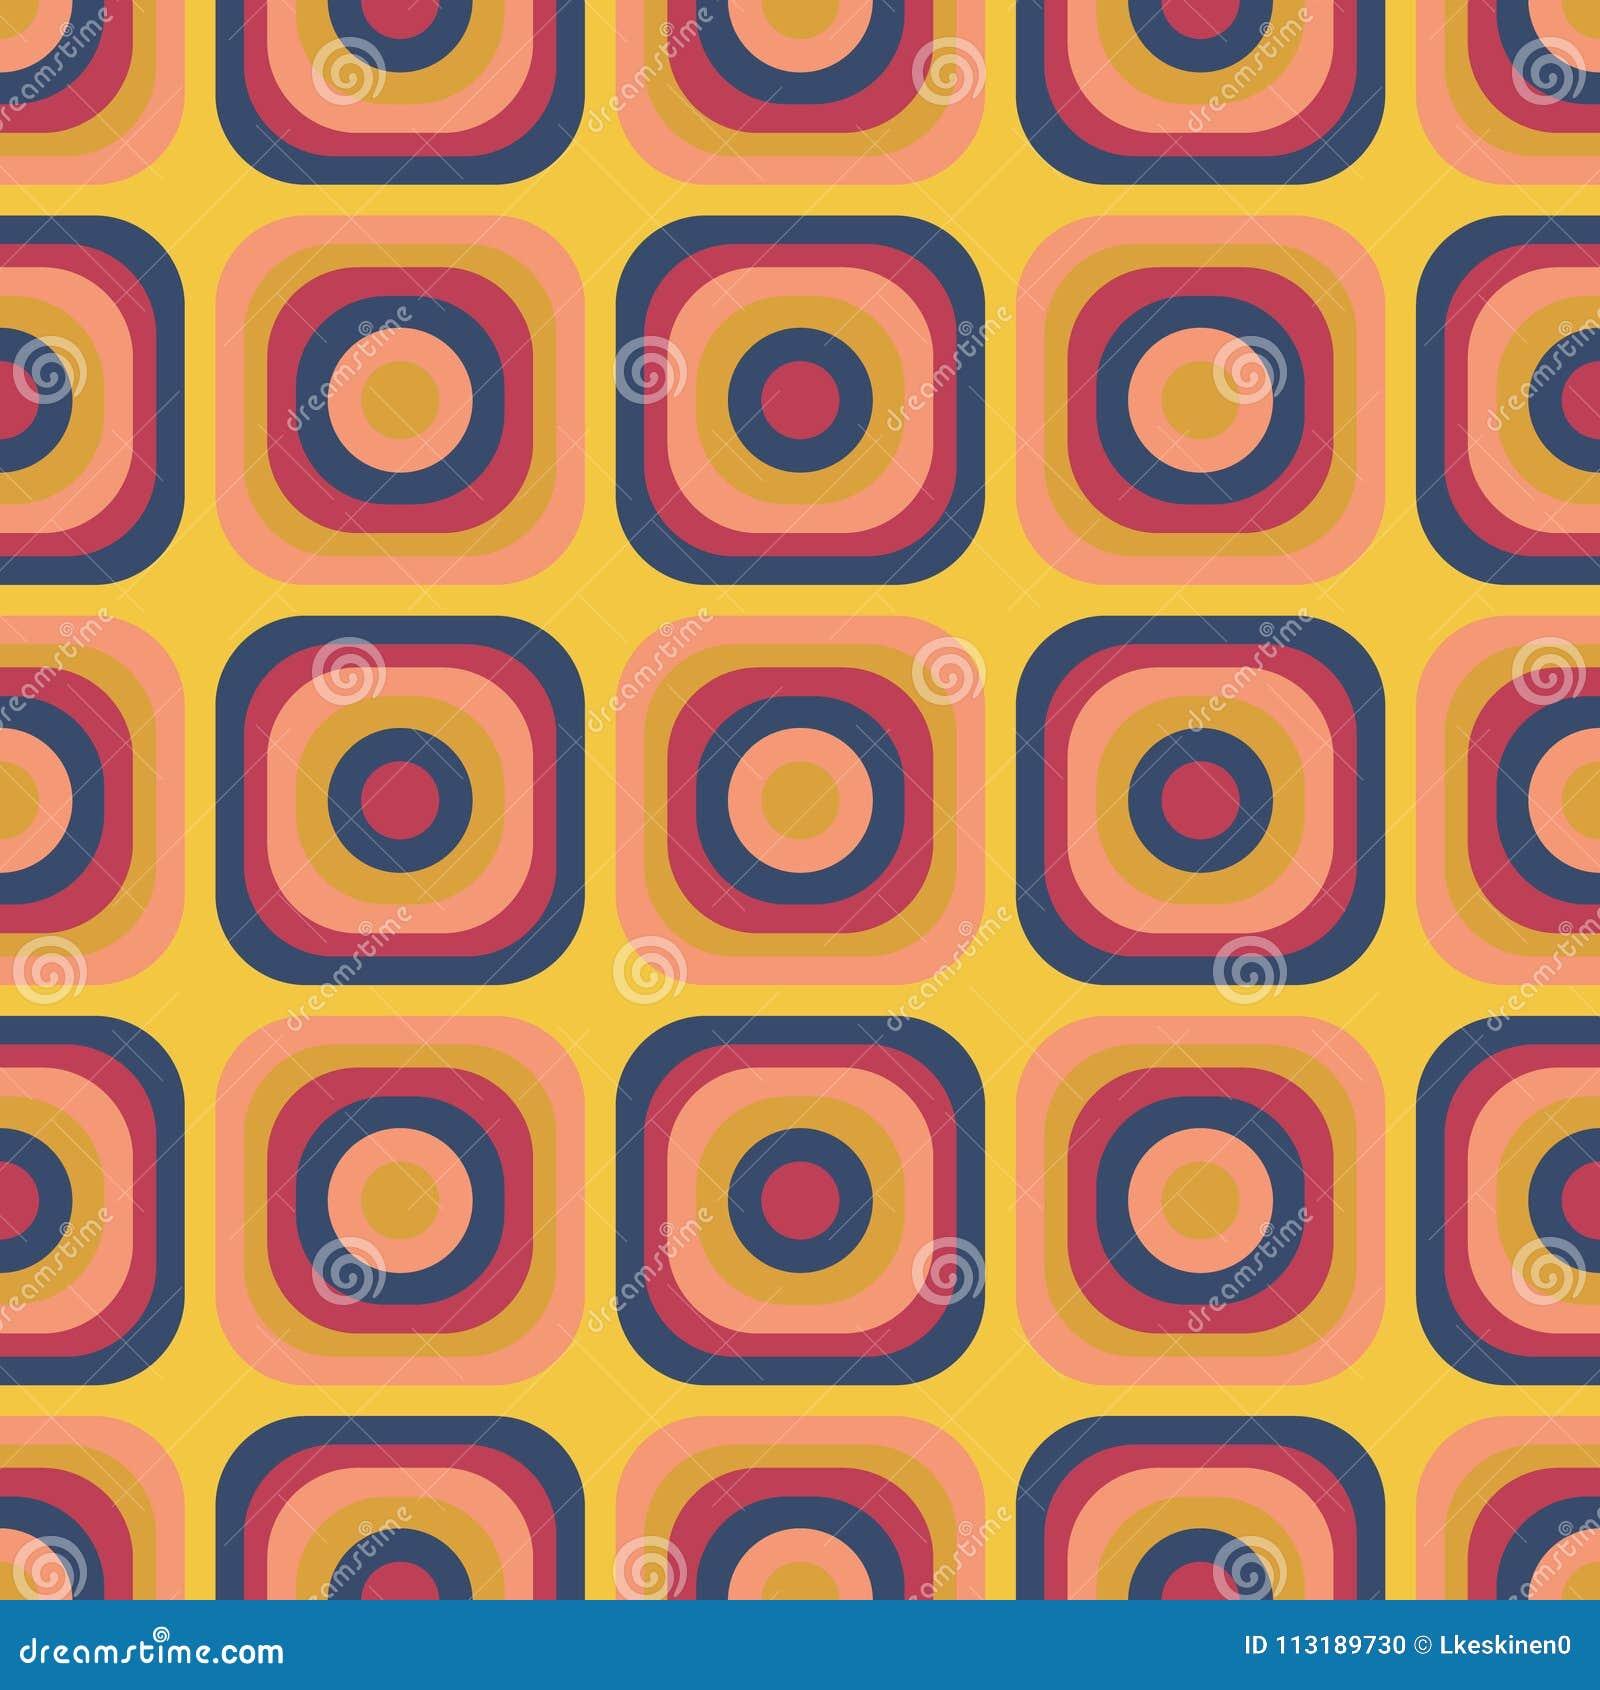 Beste Uitstekend De Jaren '70 Naadloos Patroon Vector Illustratie WZ-19